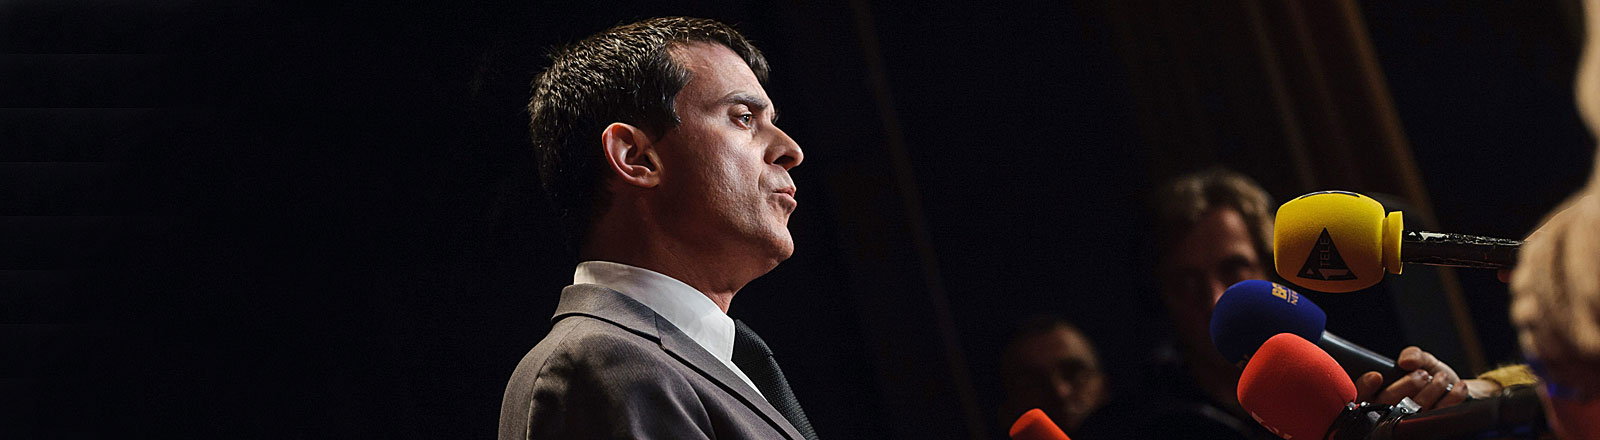 Manuel Valls, der neue Premierminister Frankreichs, vor Mikrofonen